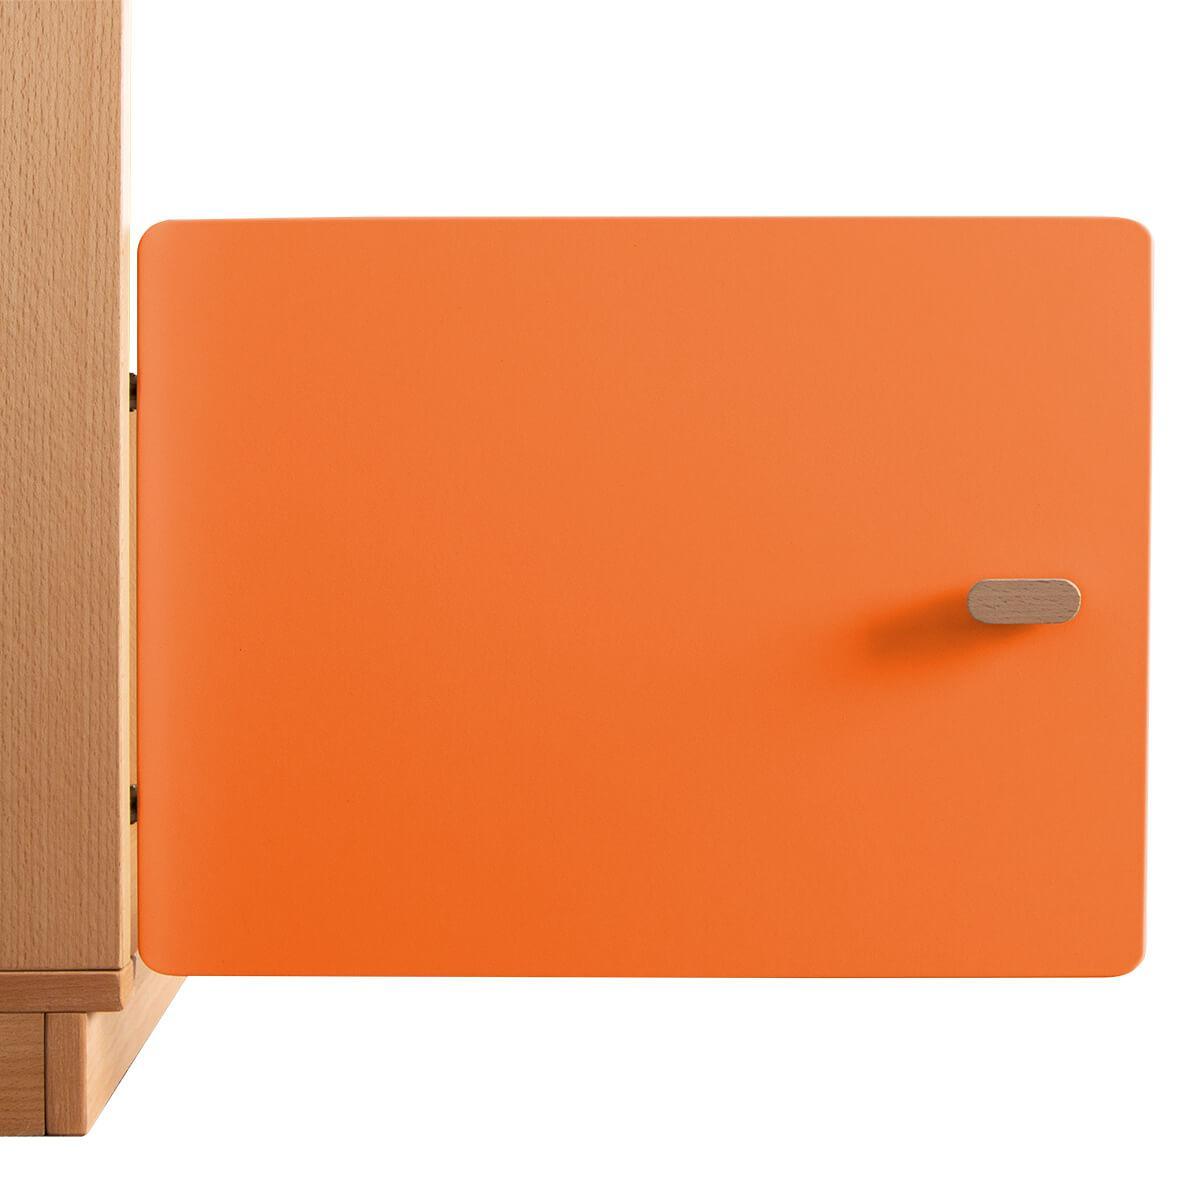 Schranktür 1/5 35cm-Griff DESTYLE de Breuyn MDF orange-lackiert